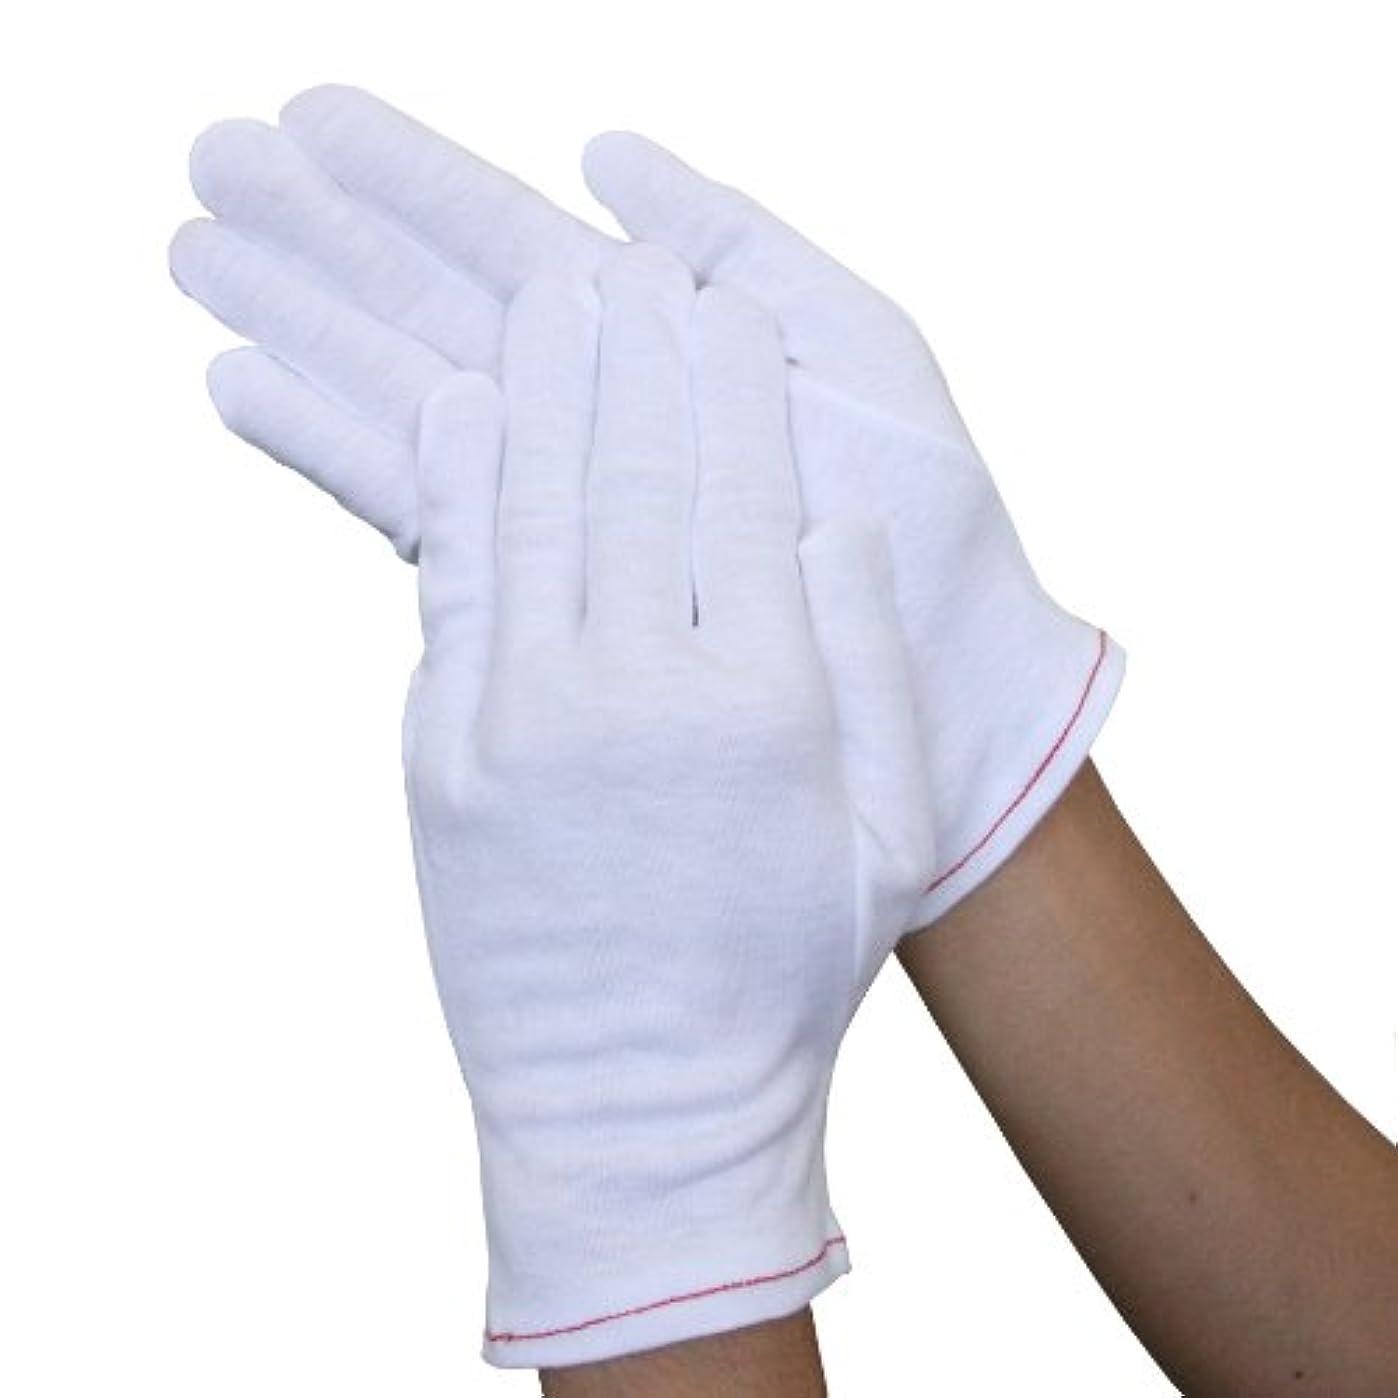 プロポーショナルわずらわしい距離ウインセス 【心地よい肌触り/おやすみ手袋】 綿100%手袋 (1双) (LL)